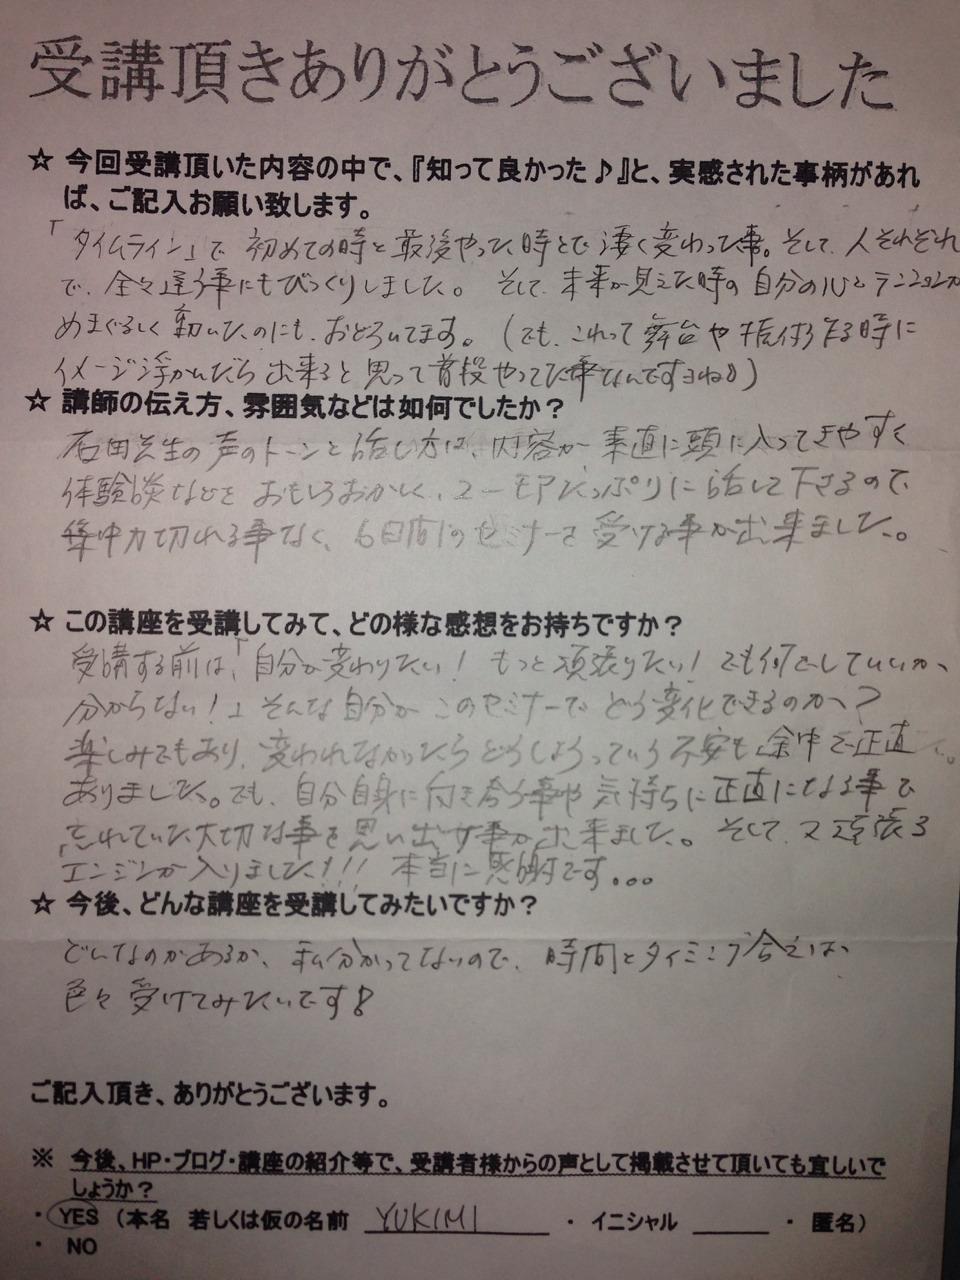 YUKIMIさん_コメント